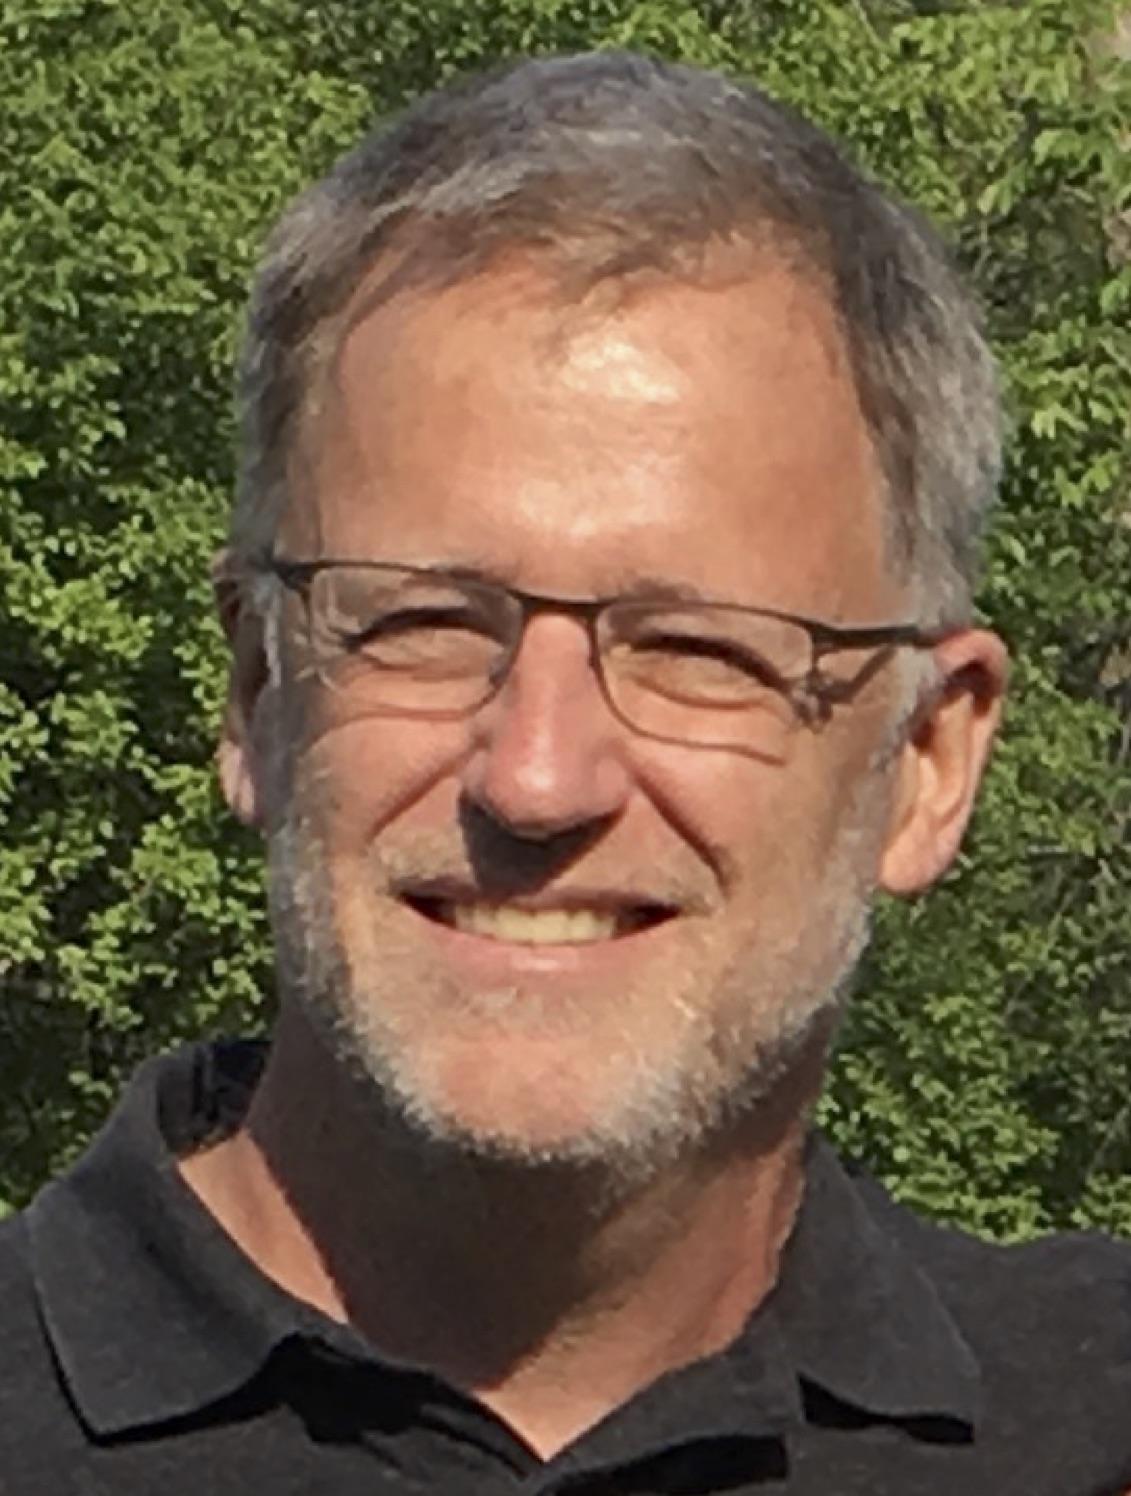 Ian Foster